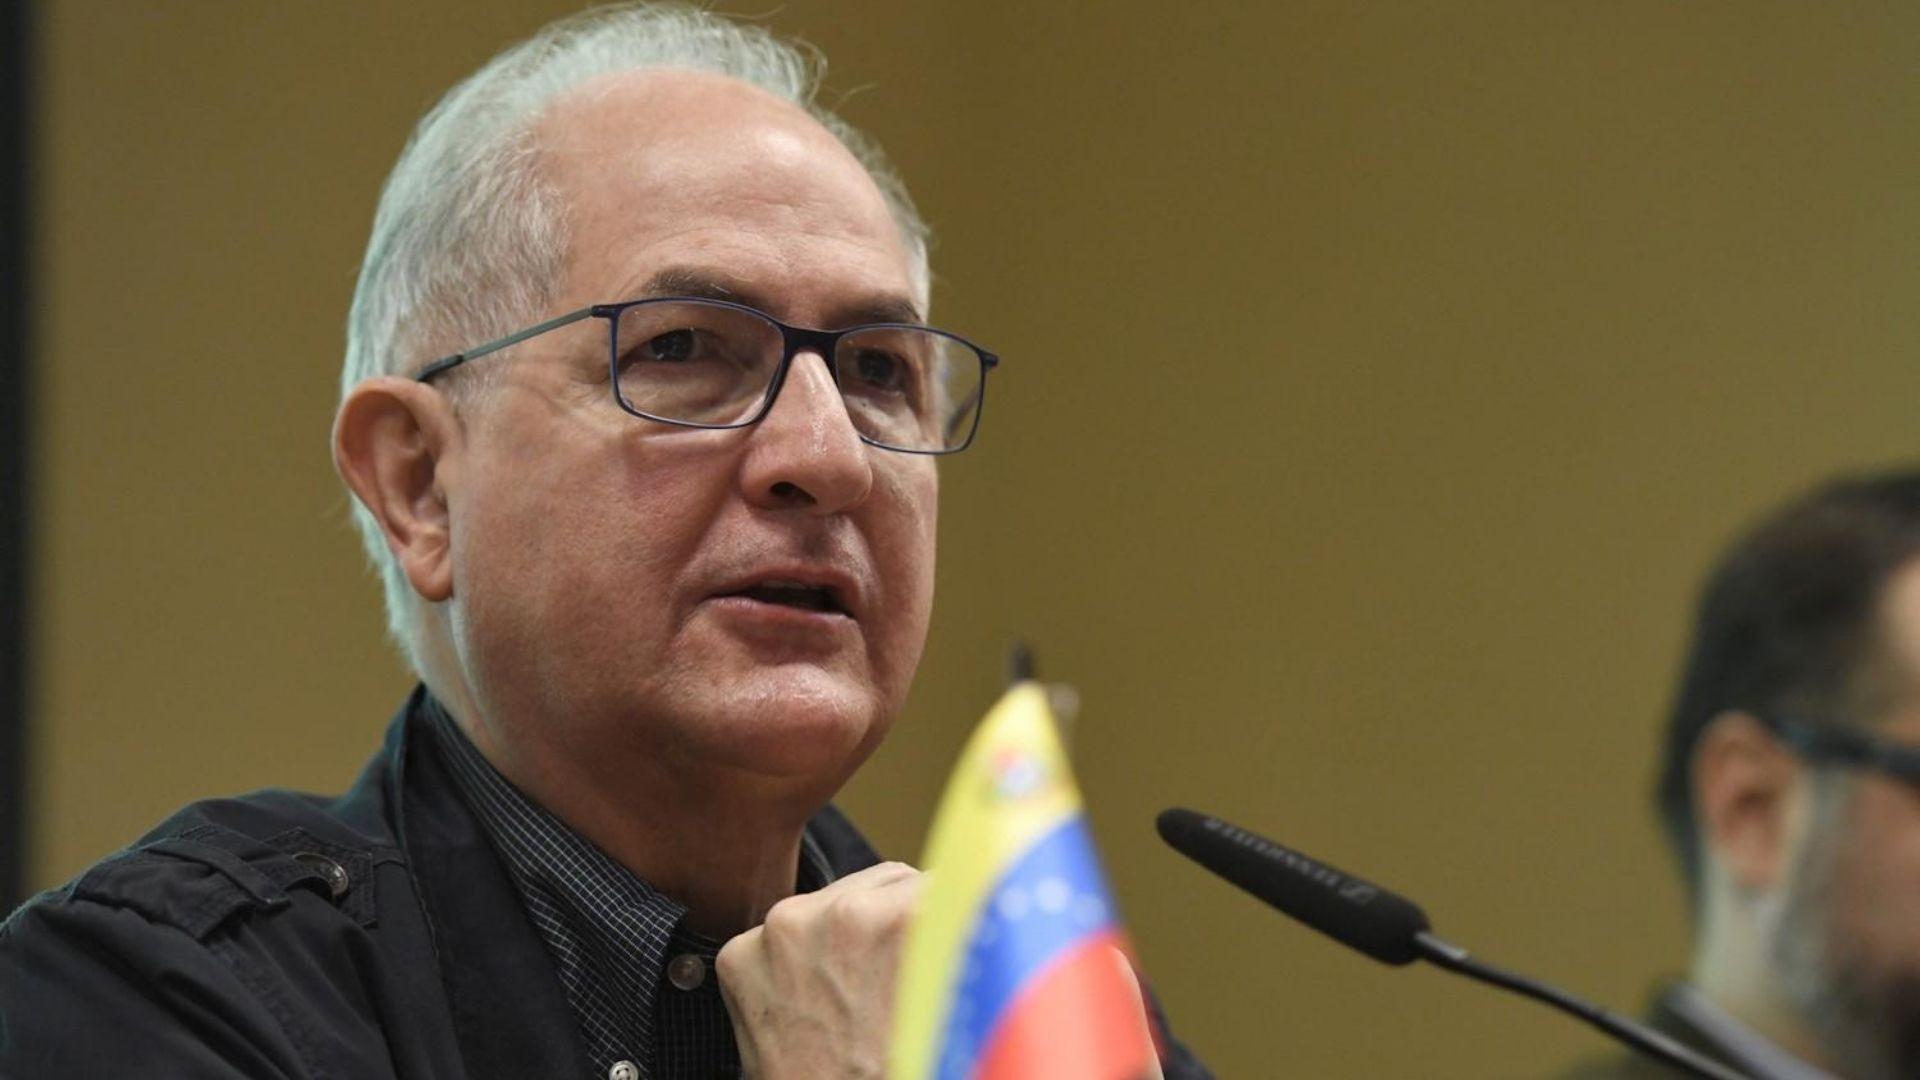 Antonio Ledezma lanza crítica a la oposición: No tienen remedio